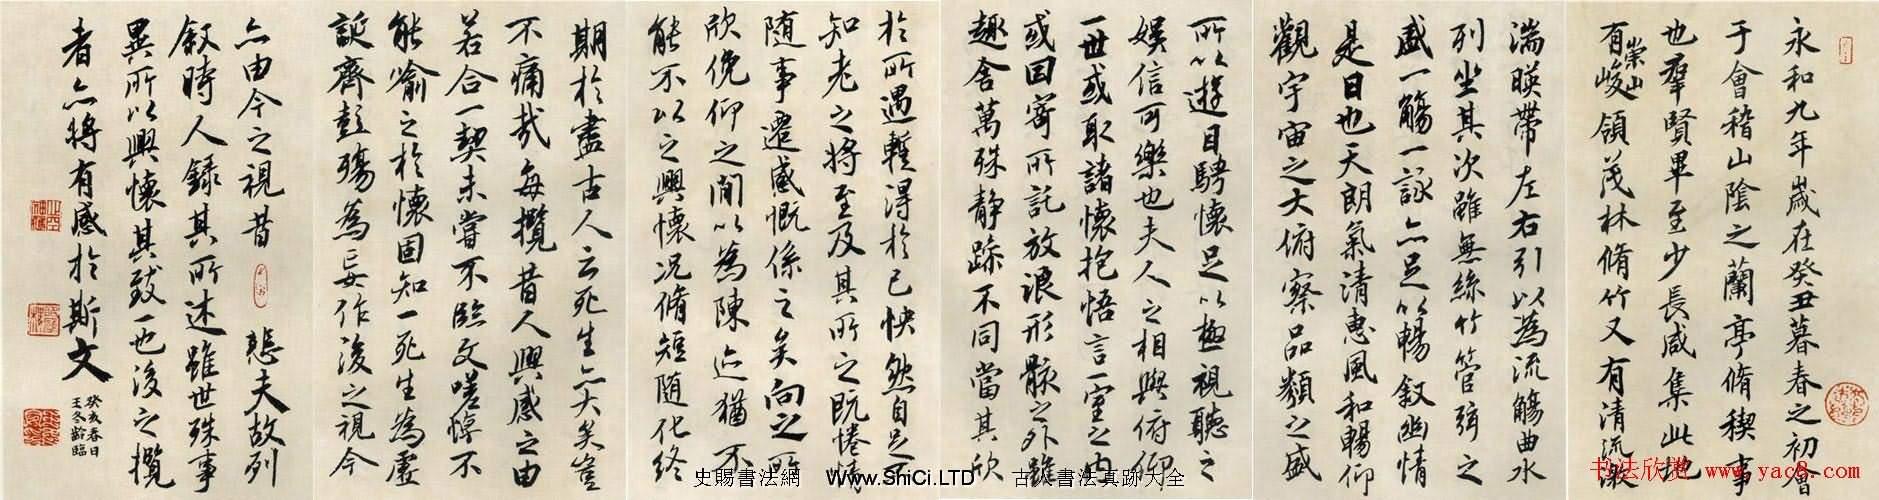 王冬齡書法作品真跡欣賞臨《蘭亭序》(共7張圖片)